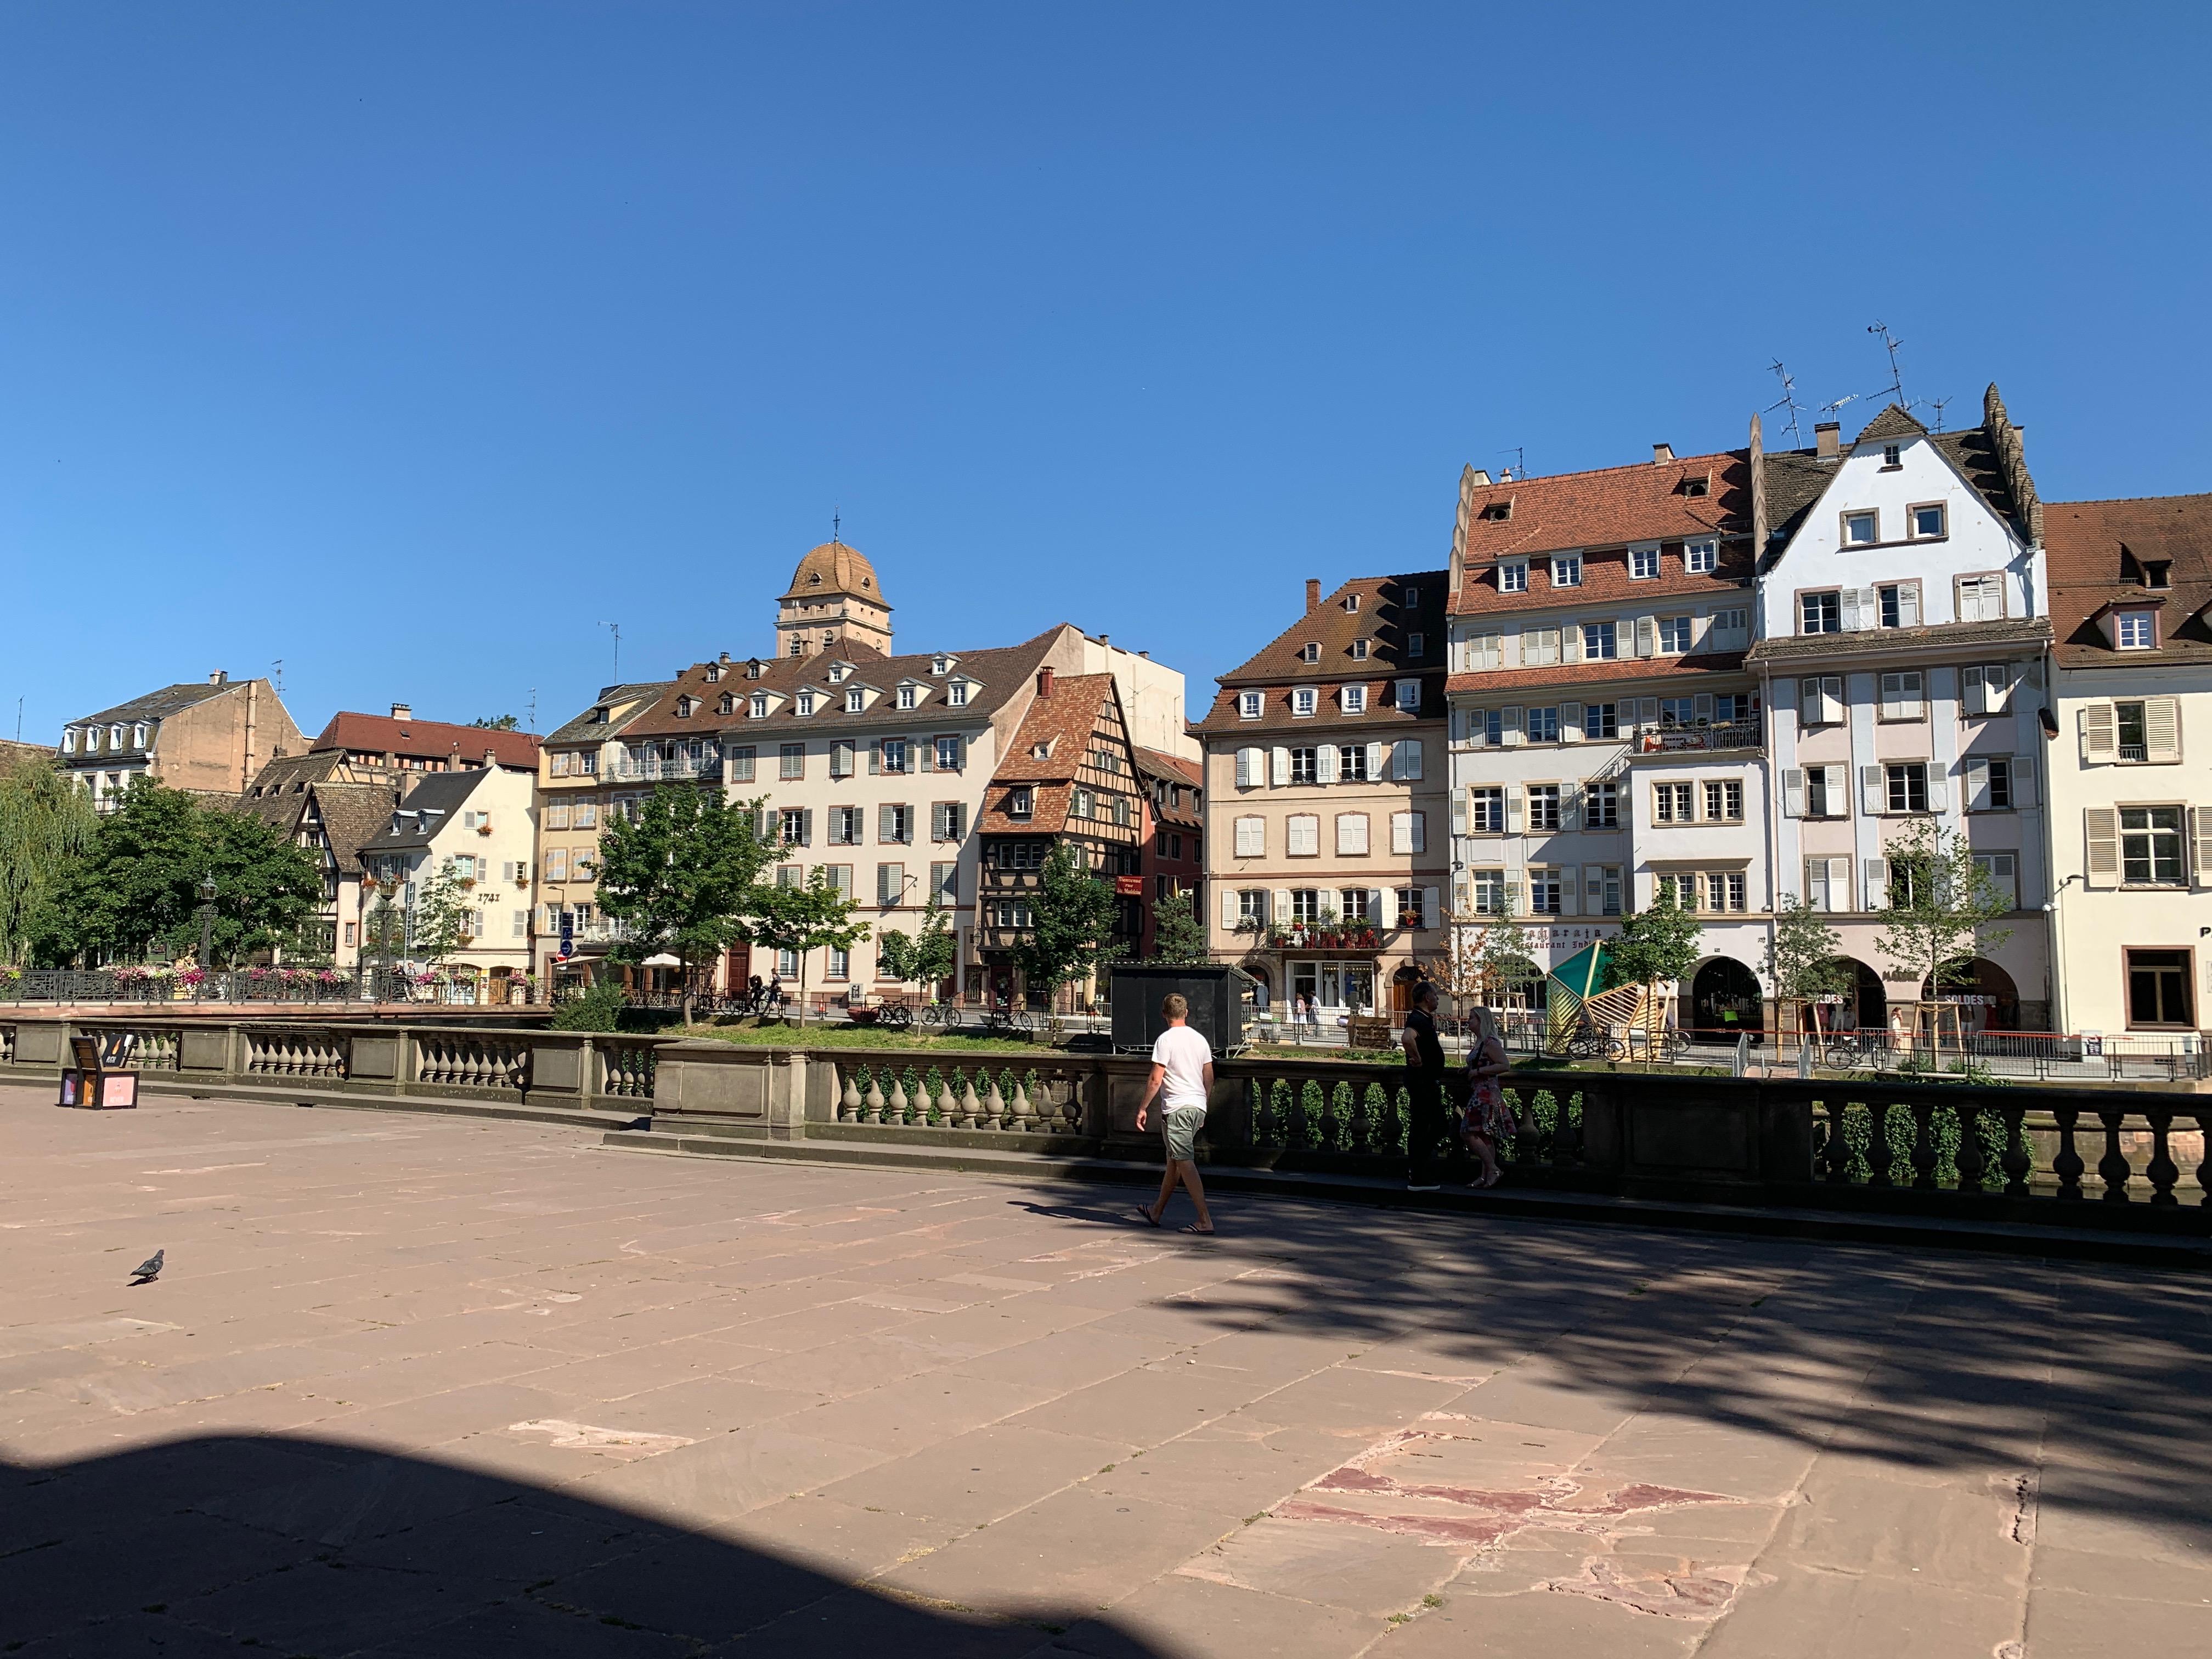 StrasbourgdaytimeJune2019